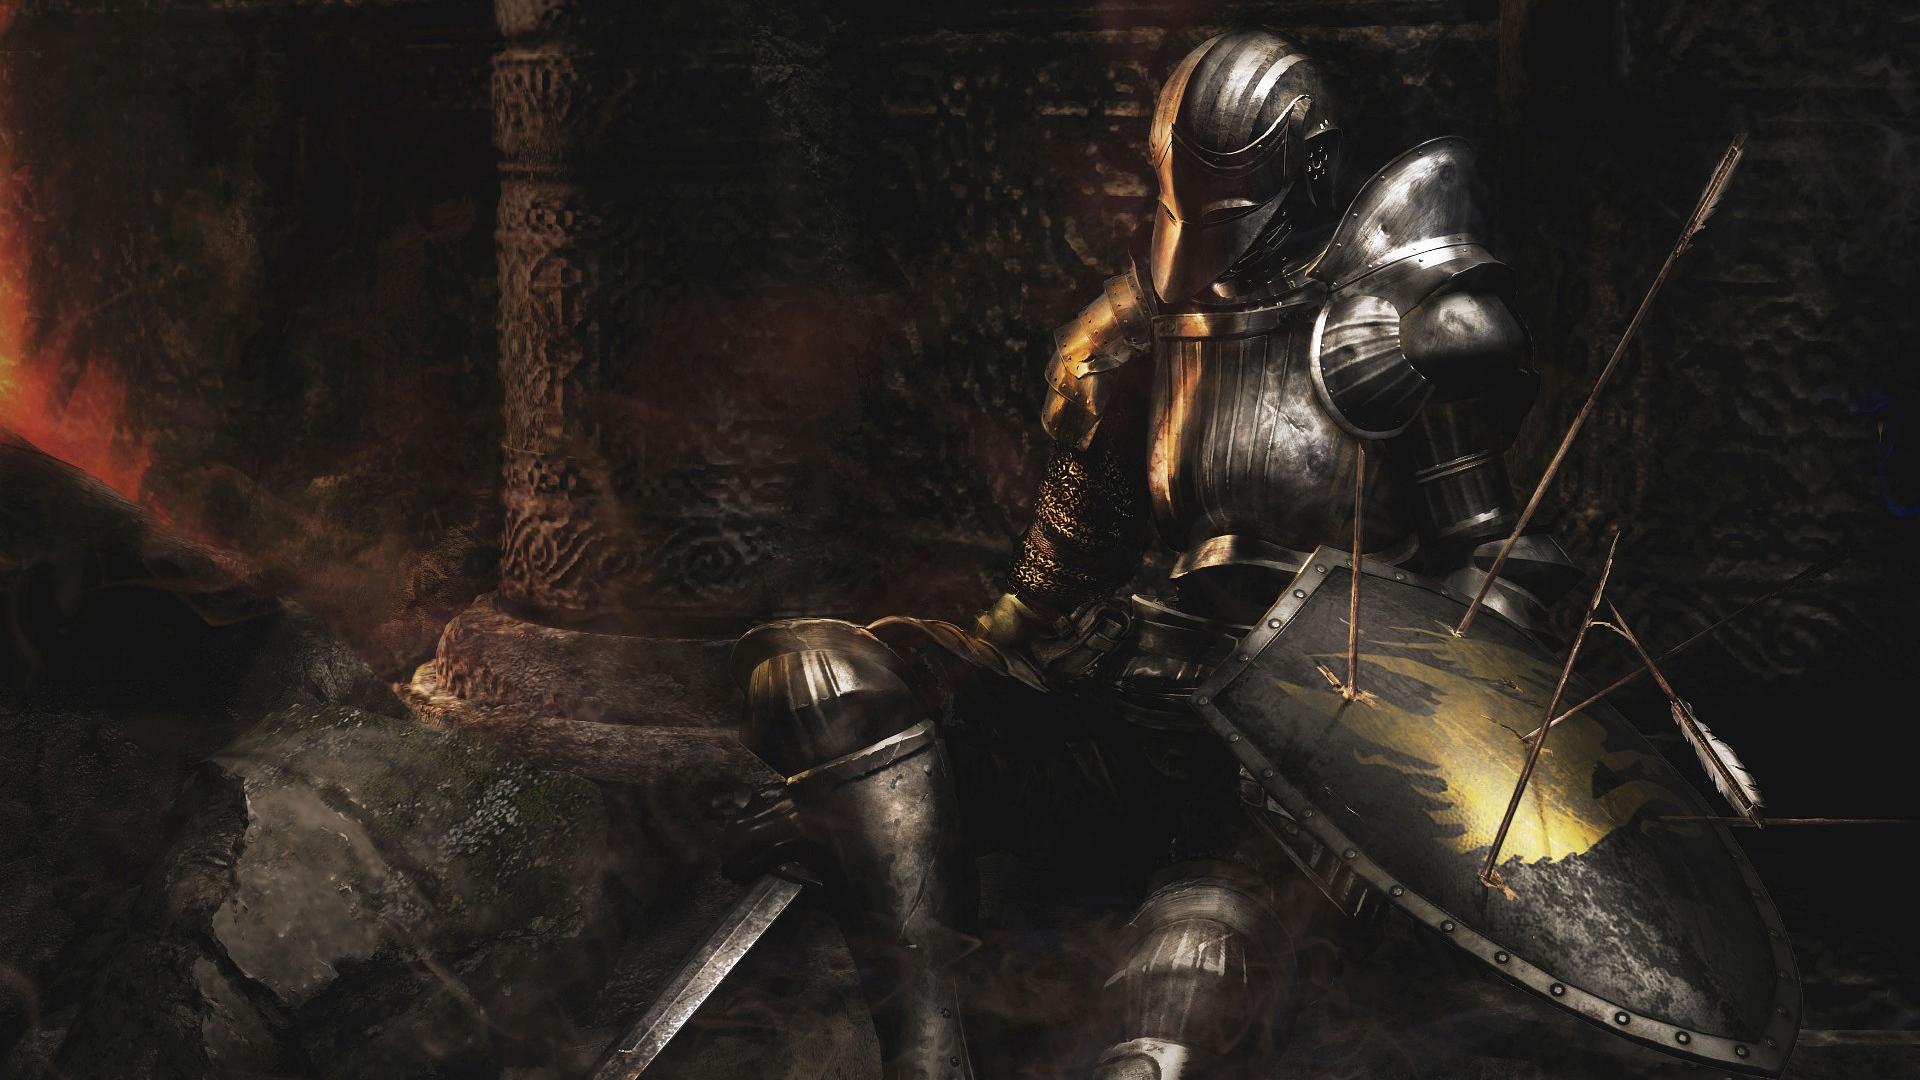 48 Dark Souls Wallpaper 1080p On Wallpapersafari